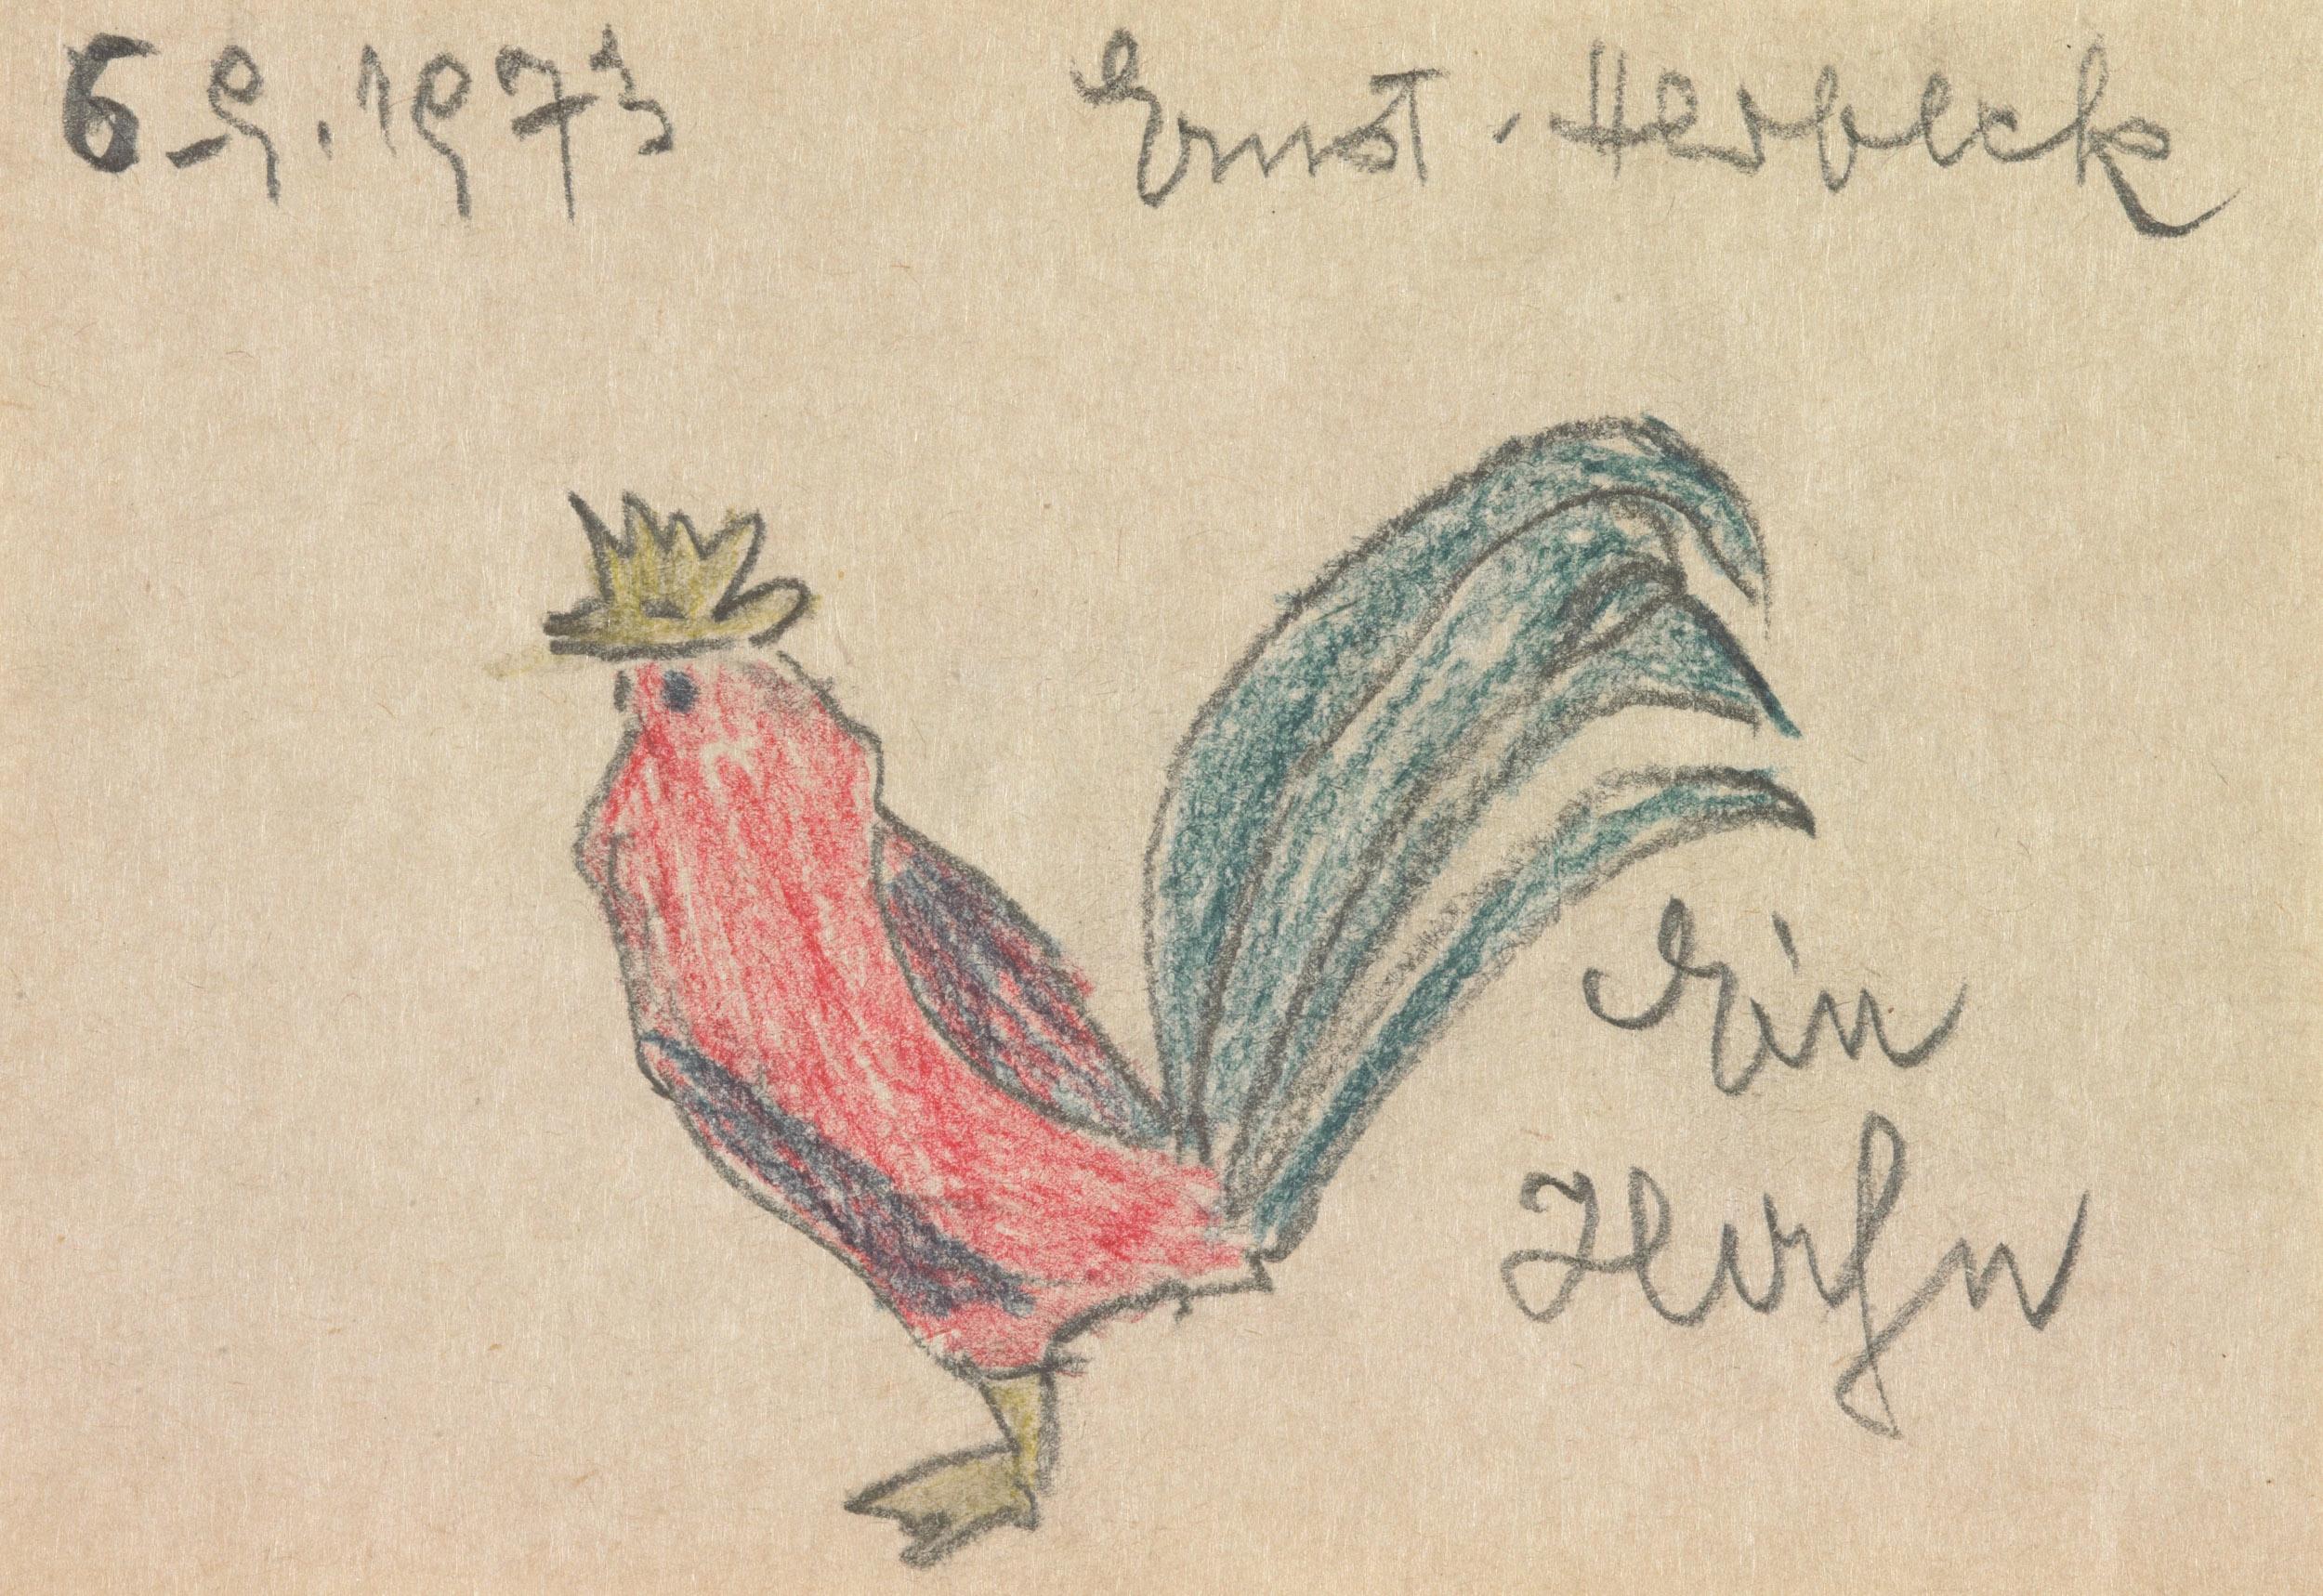 herbeck ernst - Ein Huhn / A Chicken